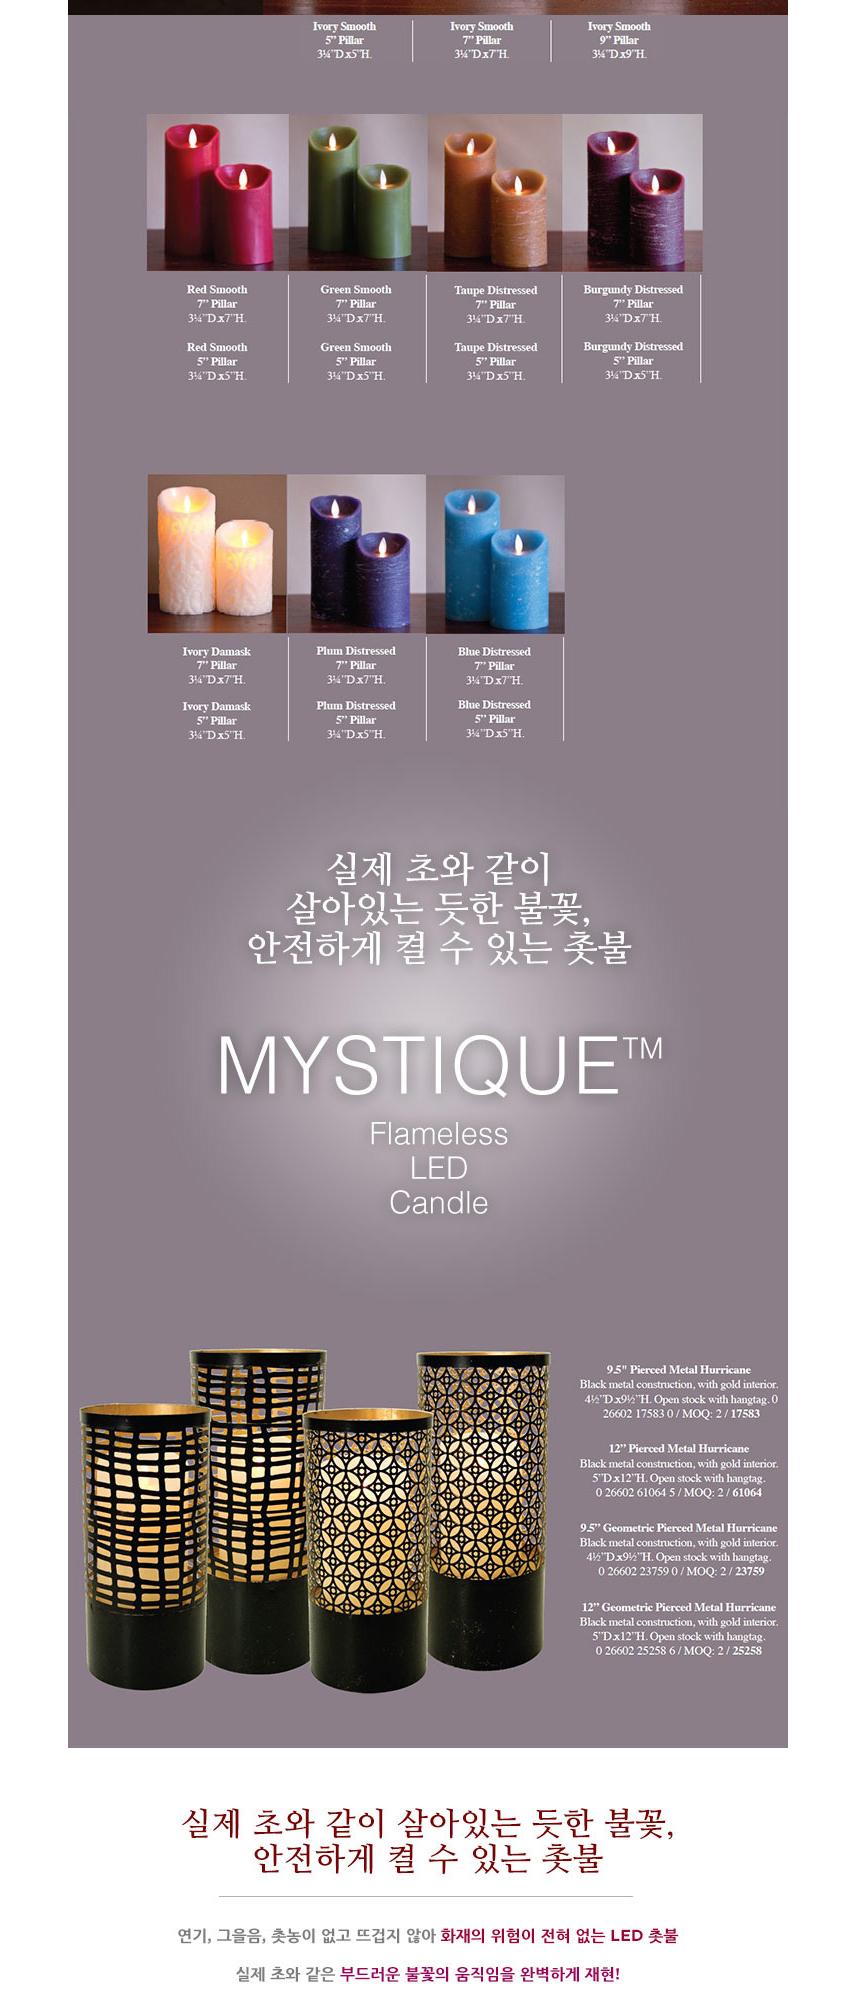 플레임리스 캔들 회갈색 - 미스틱, 58,000원, 캔들, 아로마 캔들